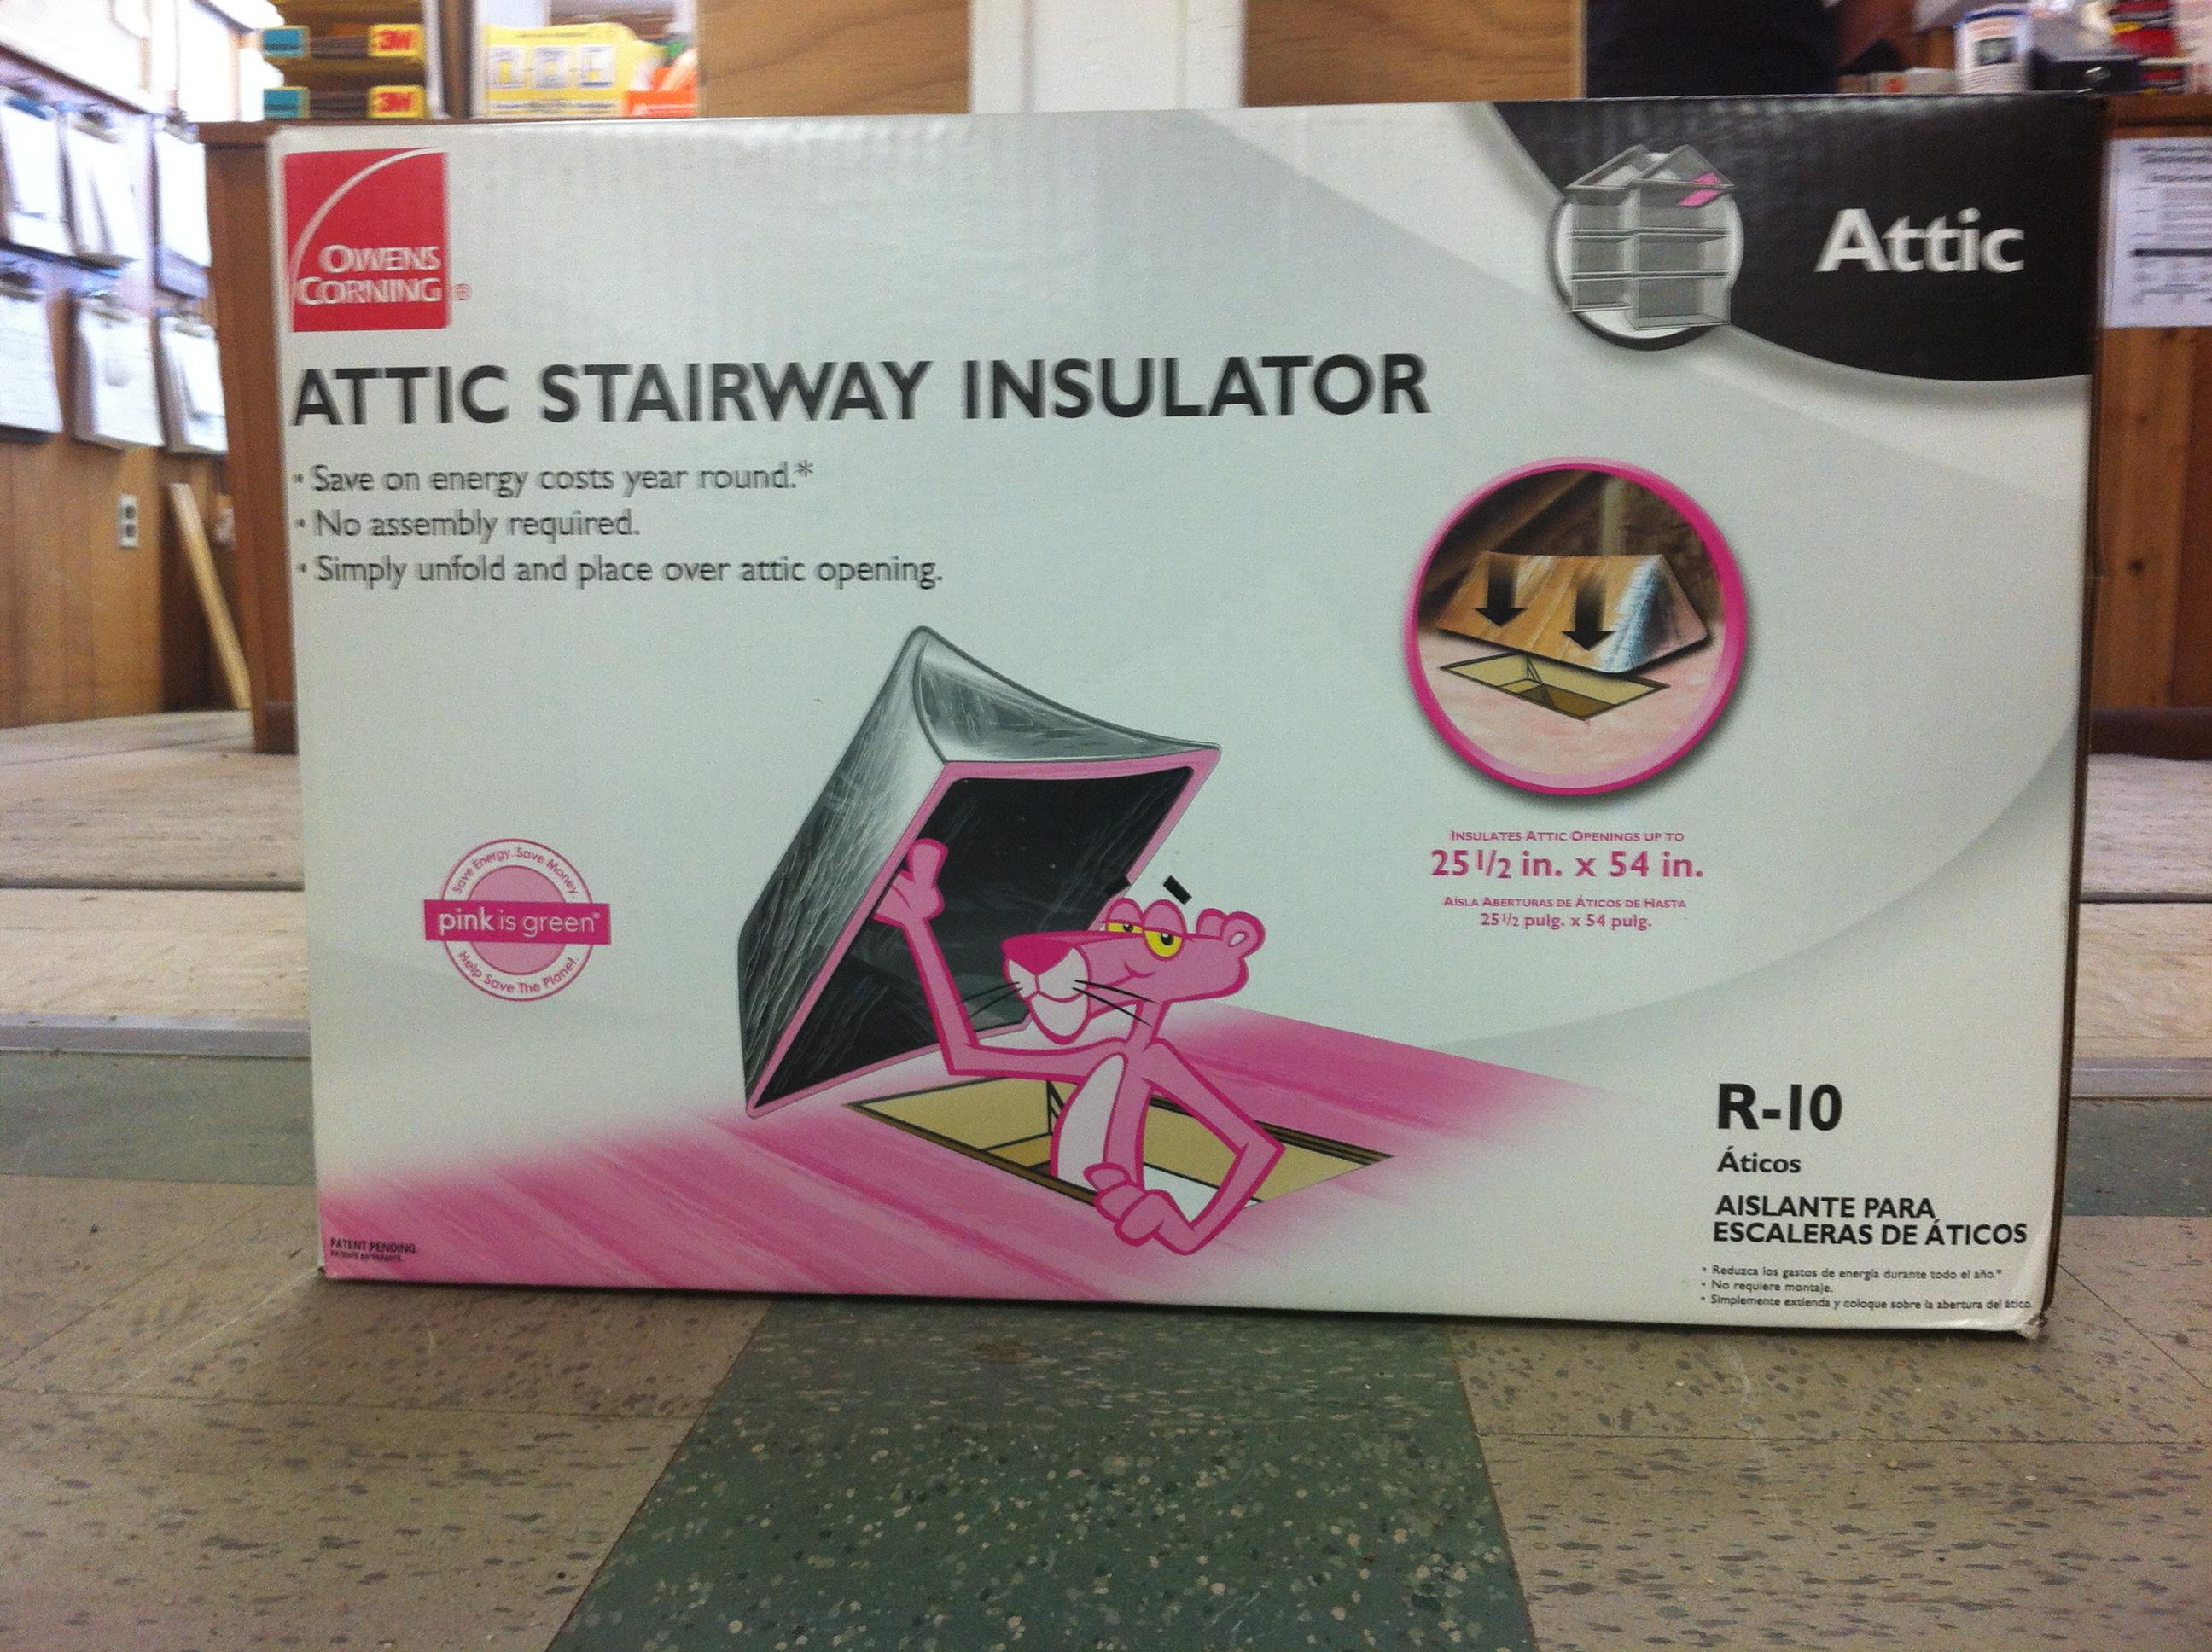 Elegant Attic Insulator